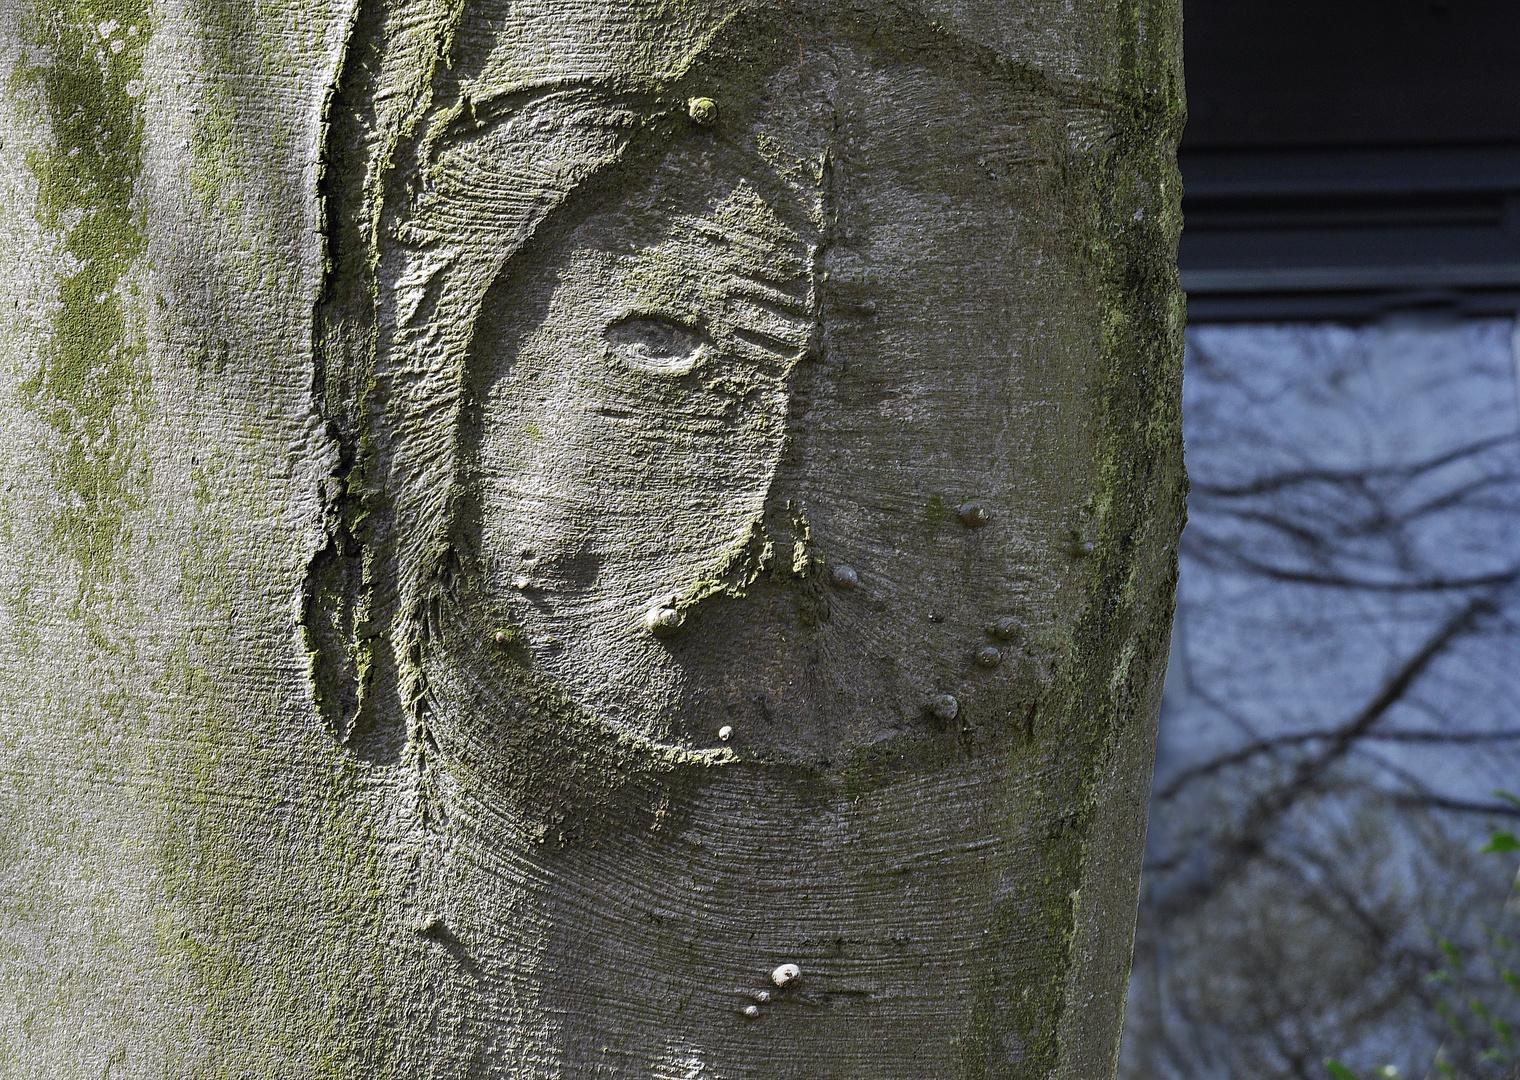 Kobold im Baum, zwinkert.......mit Piercing